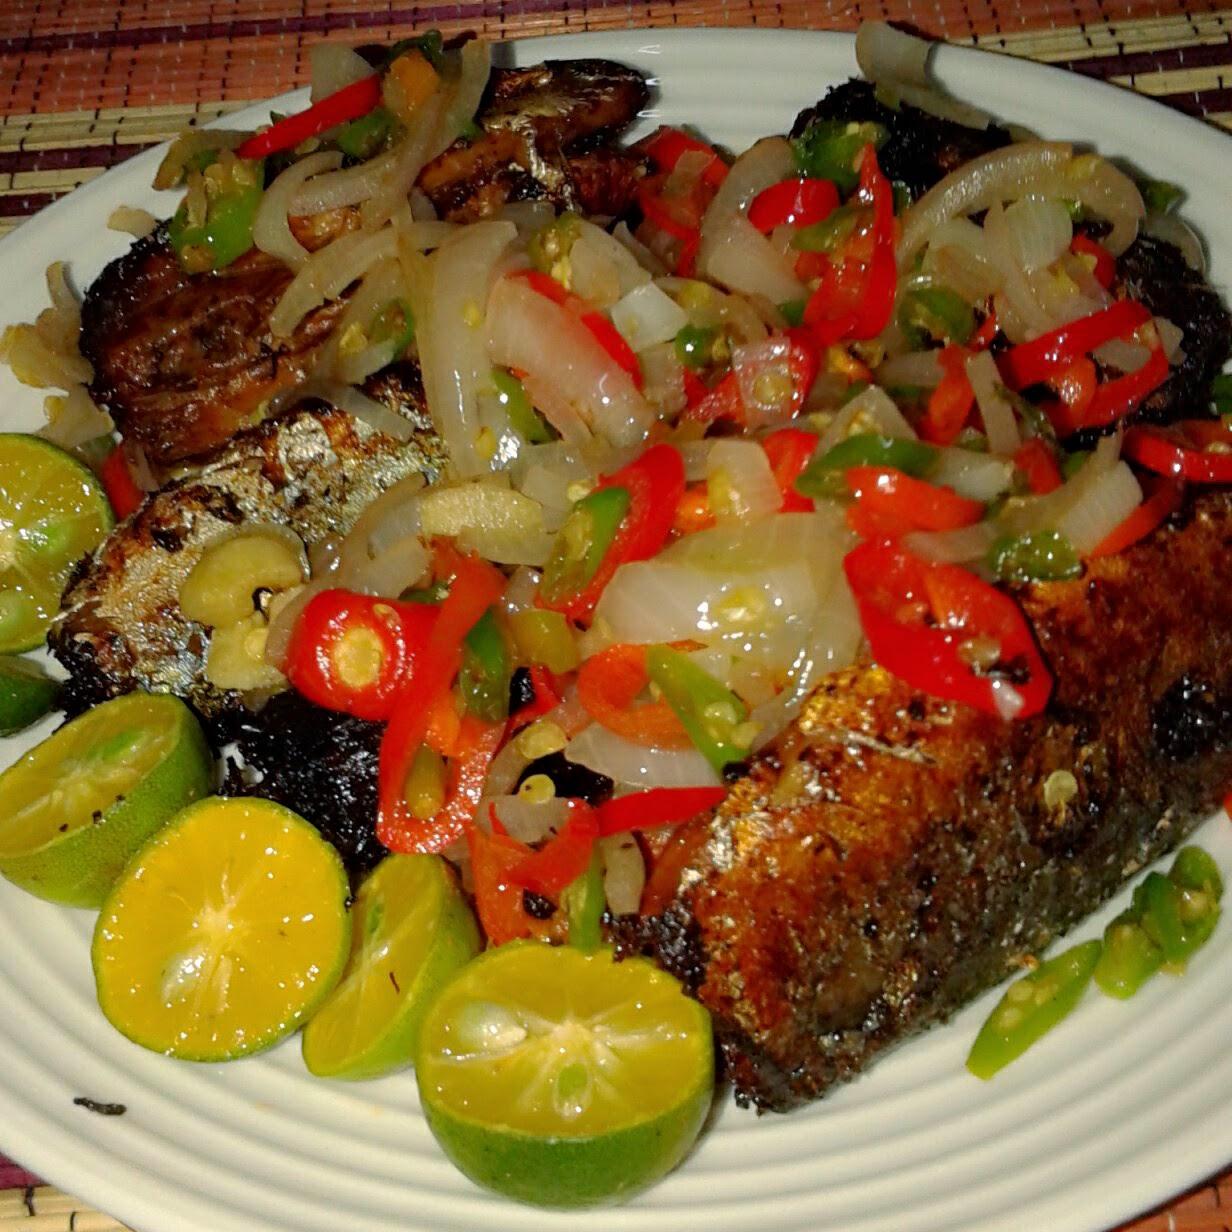 cara masak sardin, sardin goreng, cara sedapkan masakan sardin, resepi mudah sardin goreng, pelbagai resepi sardin, reserpi sardin